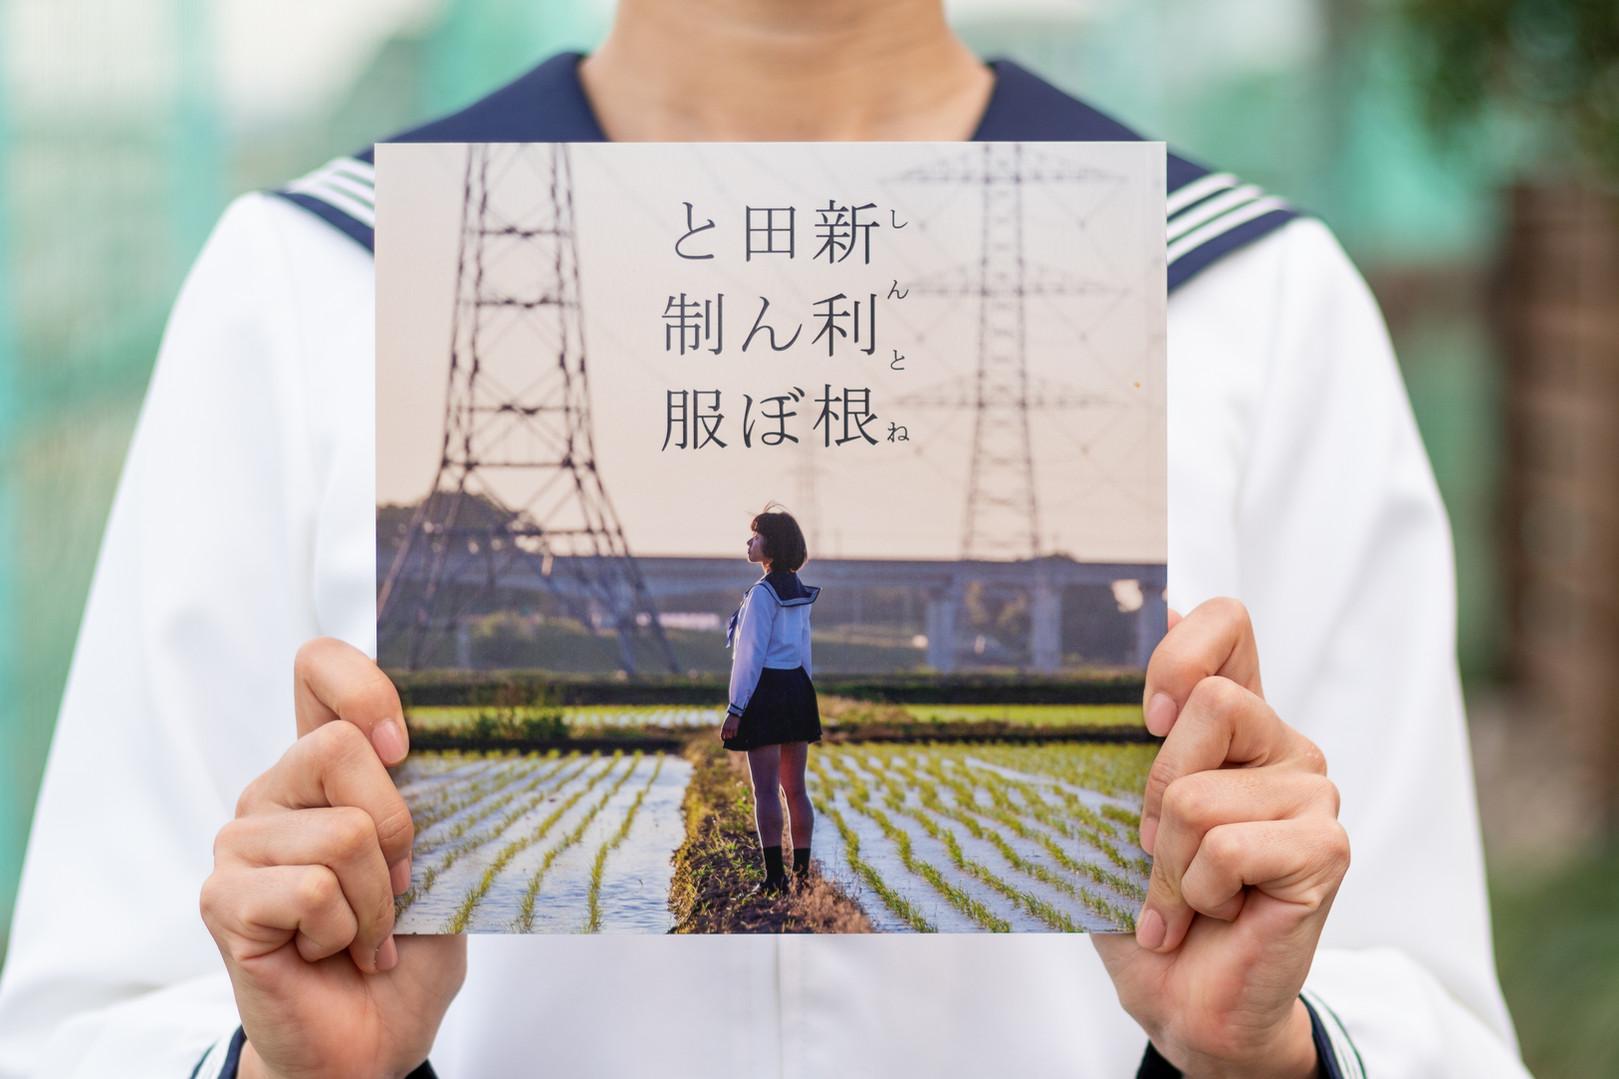 新利根田んぼと制服